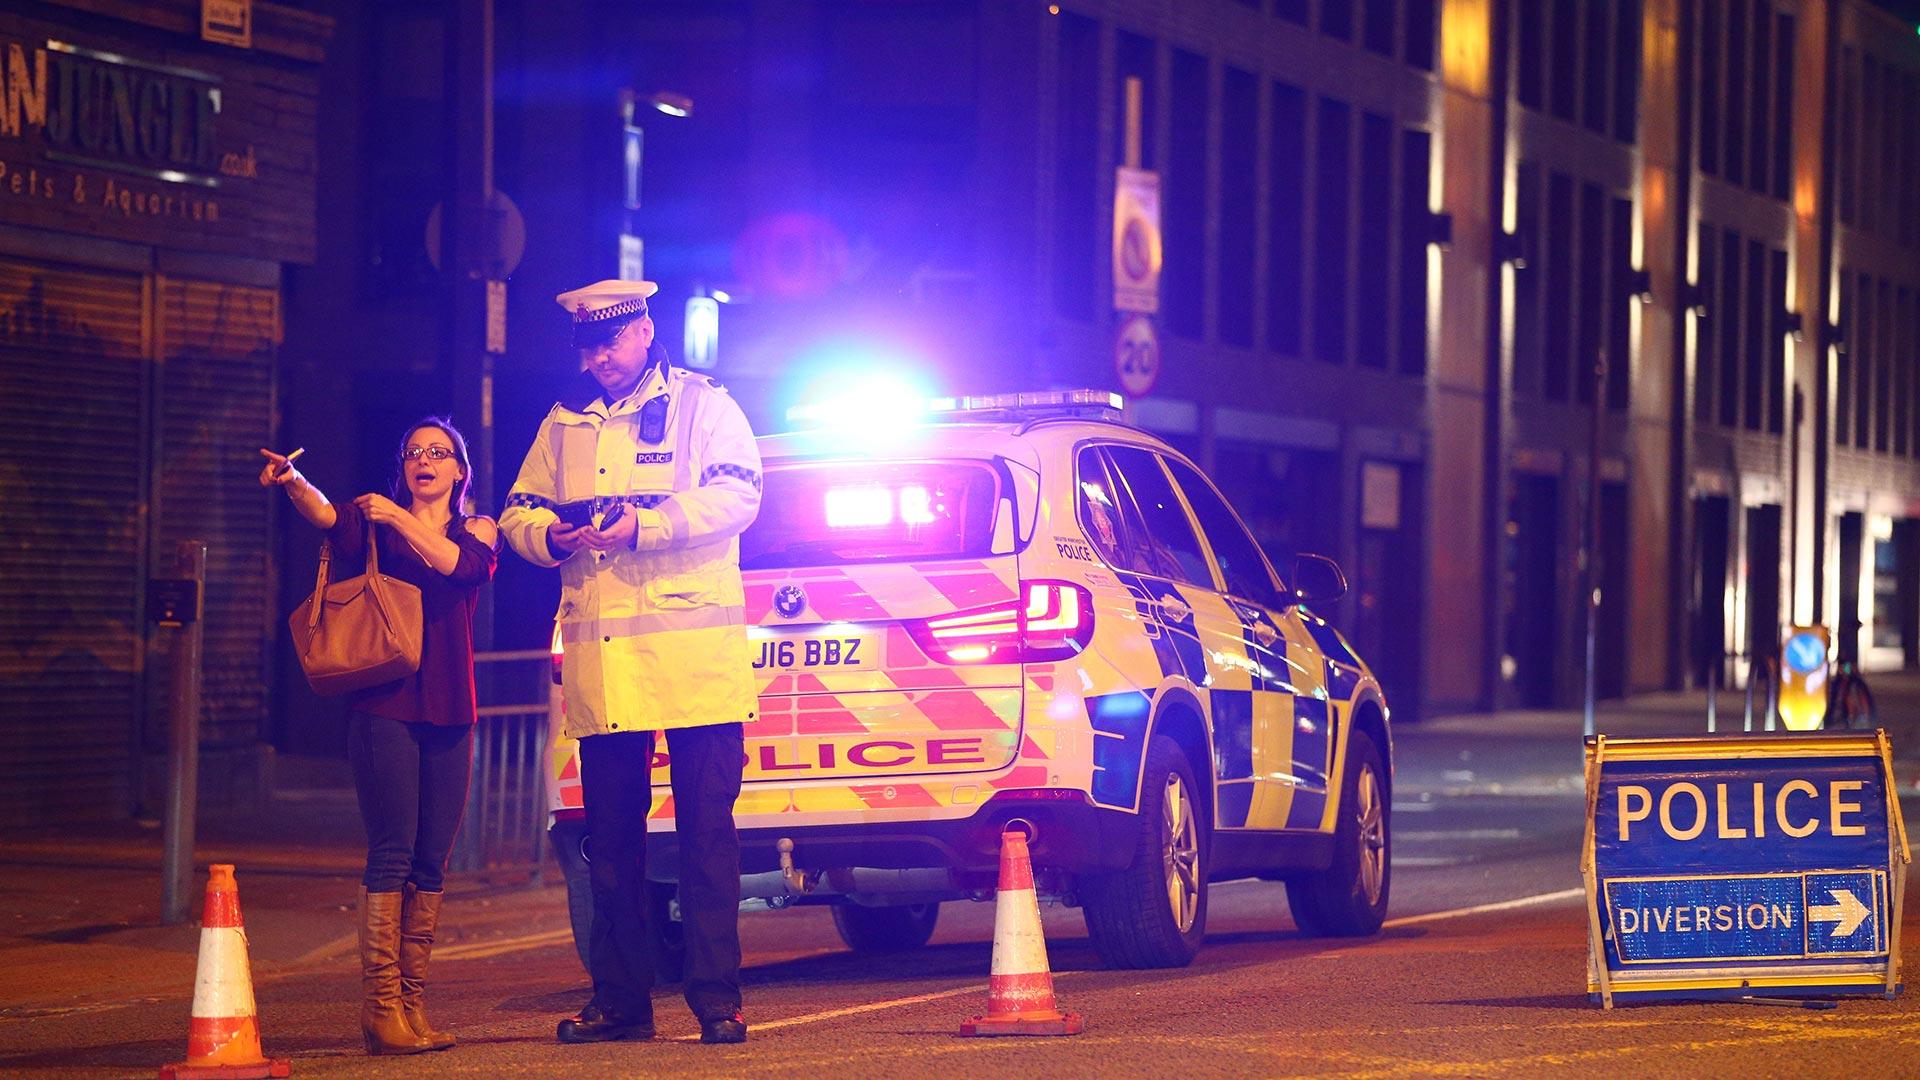 """La Policía Metropolitana publicó una declaración donde aseguran que: """"Los servicios de emergencia están respondiendo a los informes de una explosión en el Manchester Arena. Hay una serie de muertes confirmadas y otros heridos"""" (Getty Images)"""